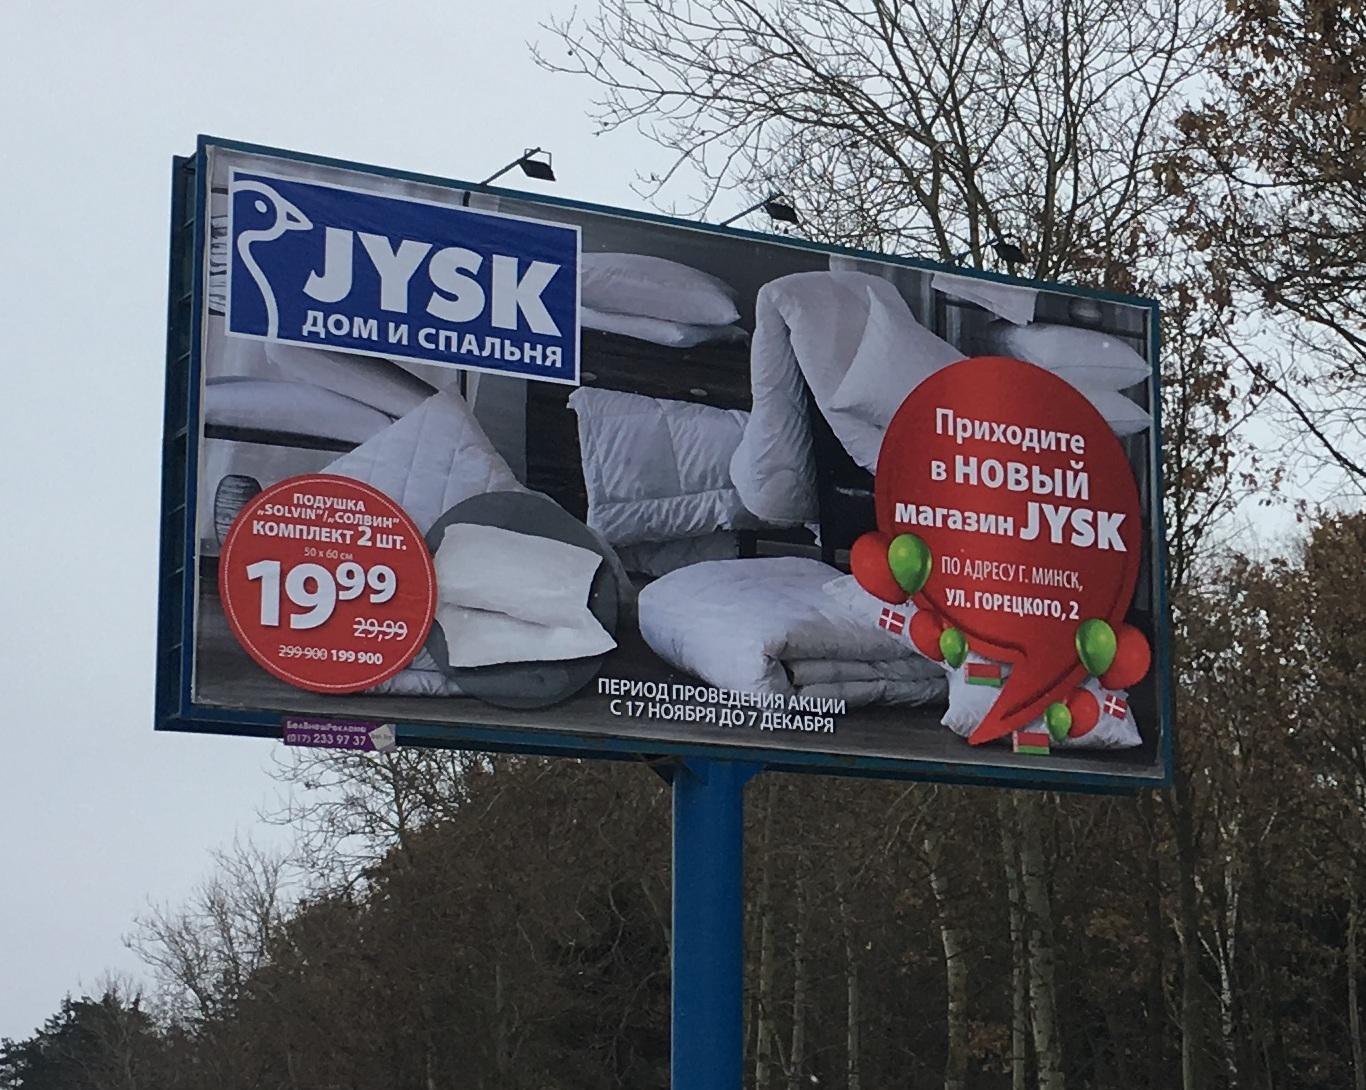 Какой должна быть наружная реклама товаров для дома качество товаров - реклама